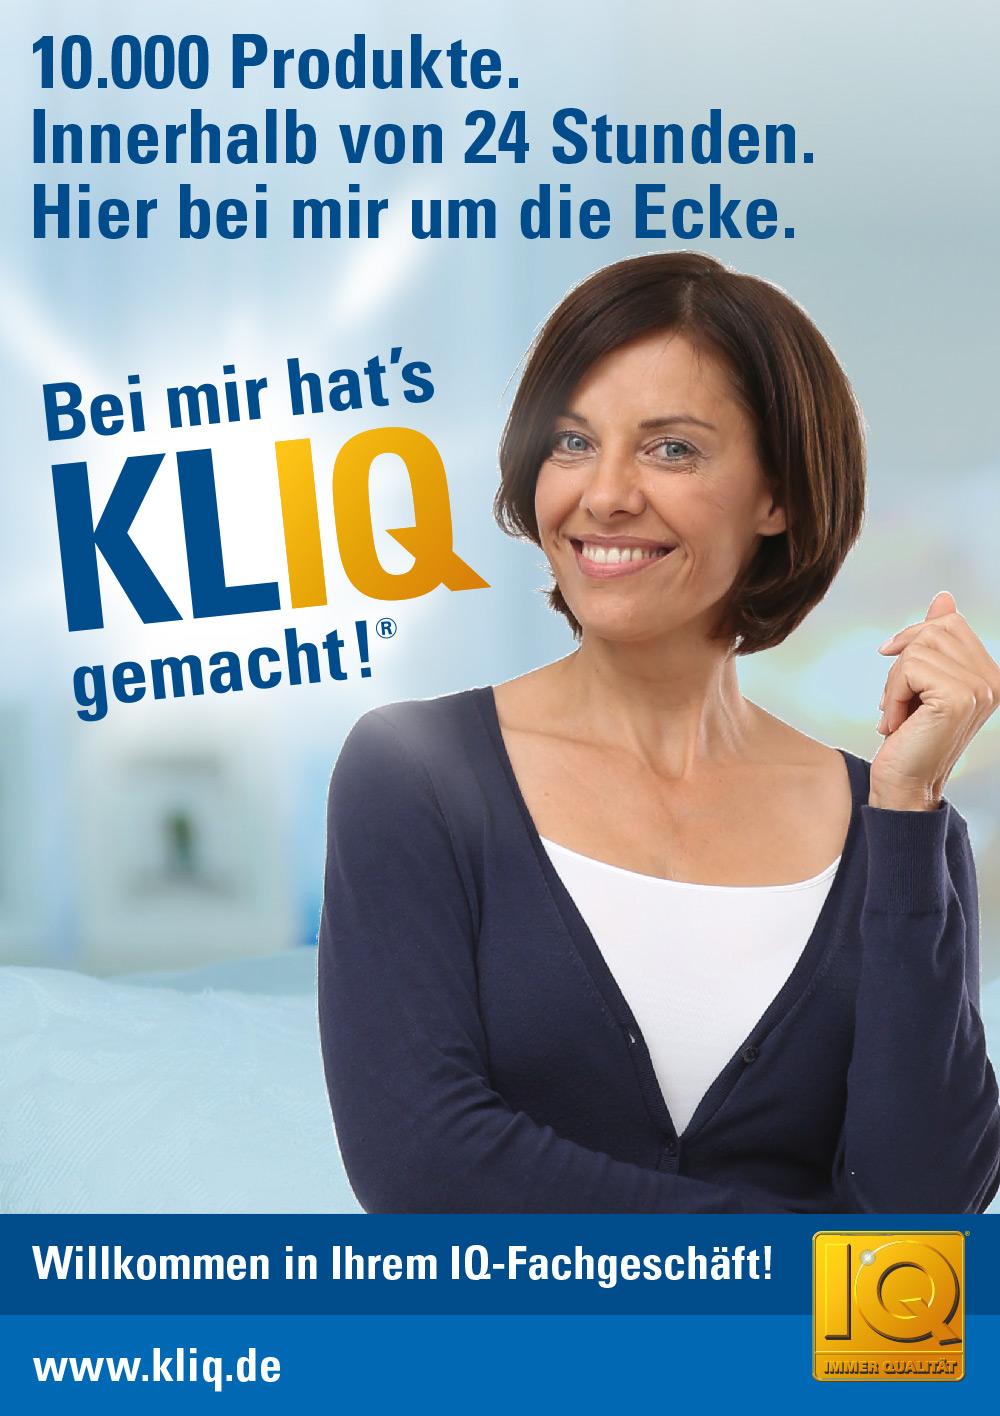 KLIQ Imageposter: Motto - 10.000 Artikel gleich um die Ecke